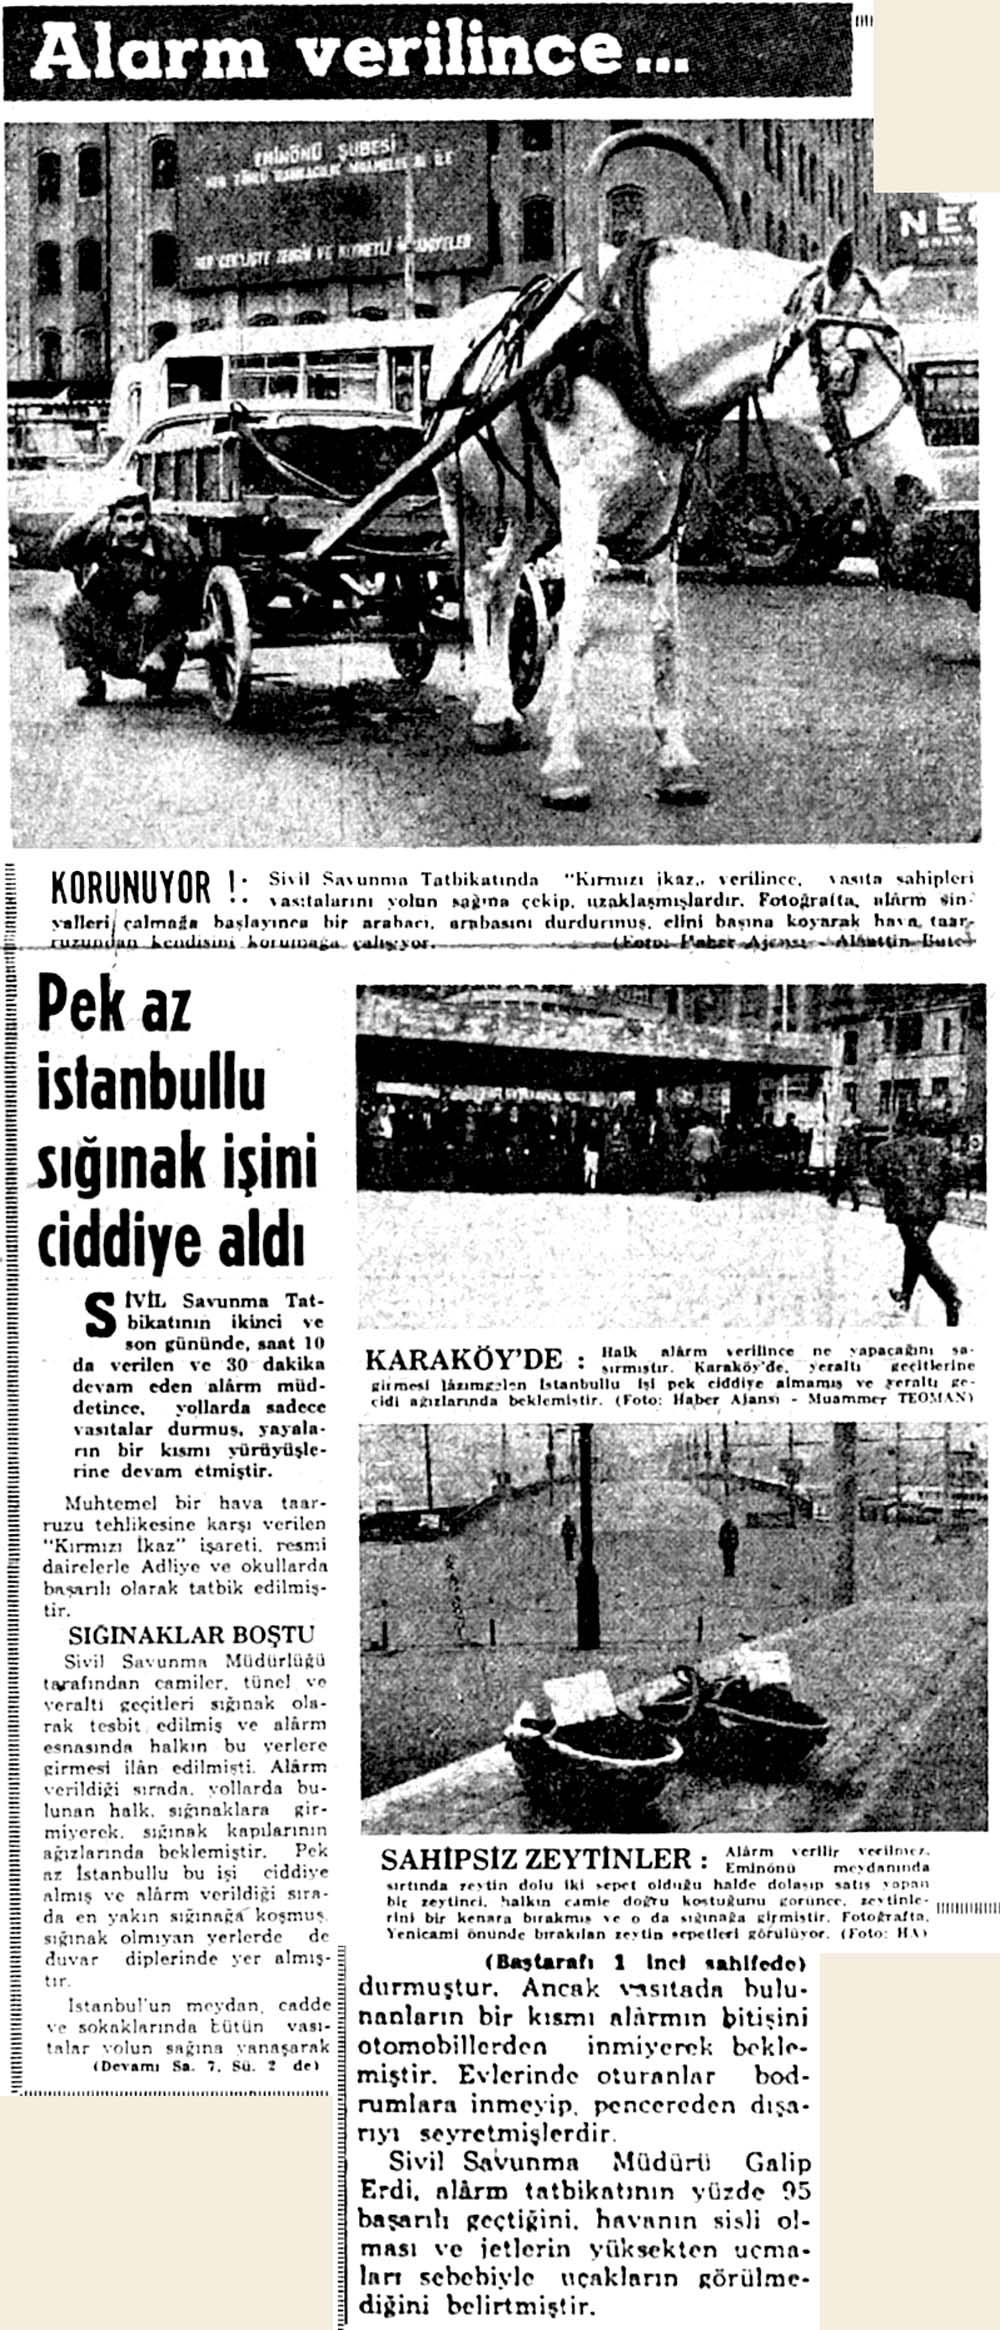 Pek az İstanbullu sığınak işini ciddiye aldı